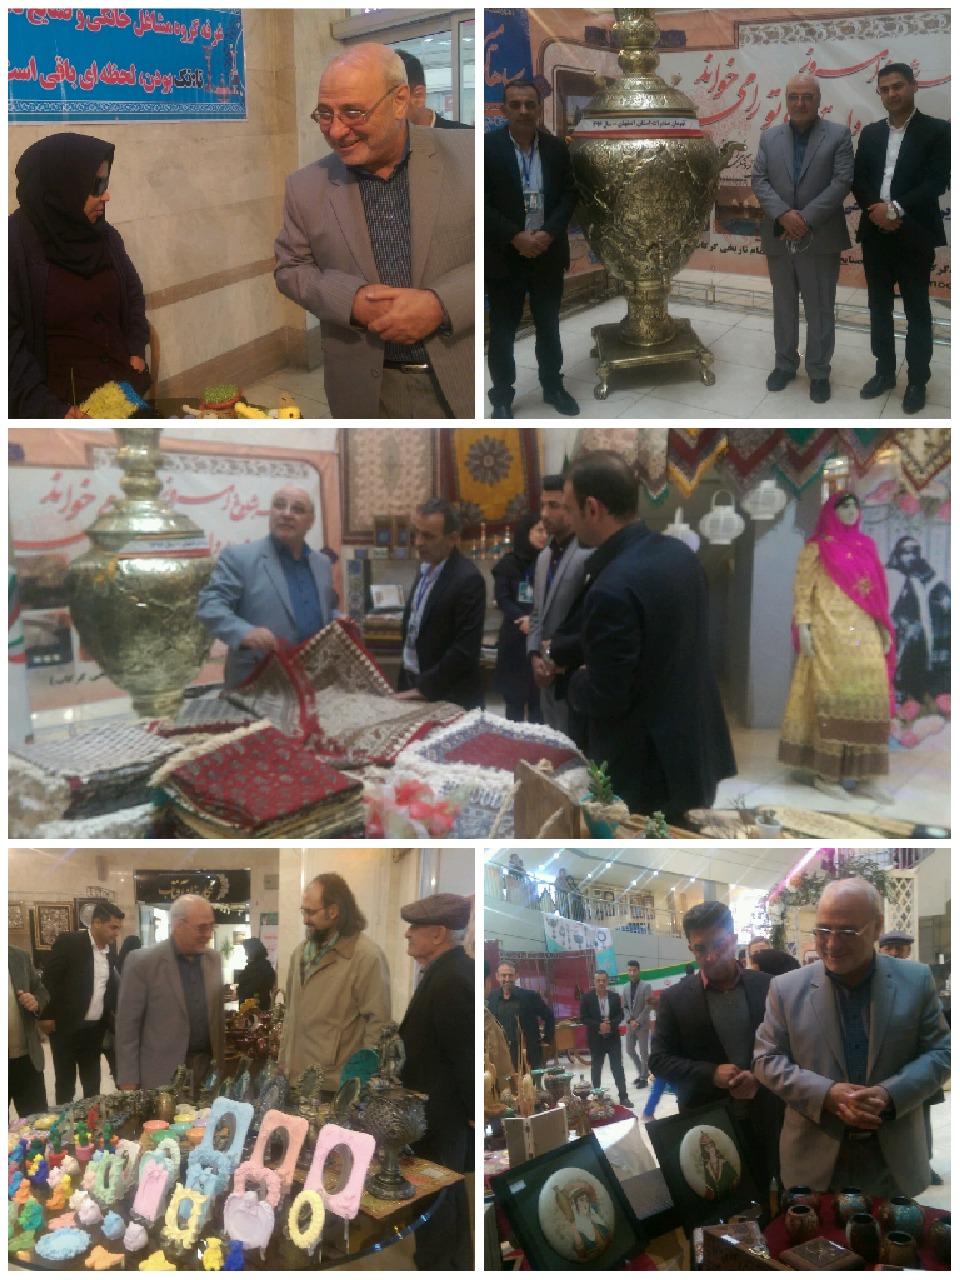 حسینعلی حاجی از نمایشگاه صنایع دستی در شاهین شهر دیدن کرد